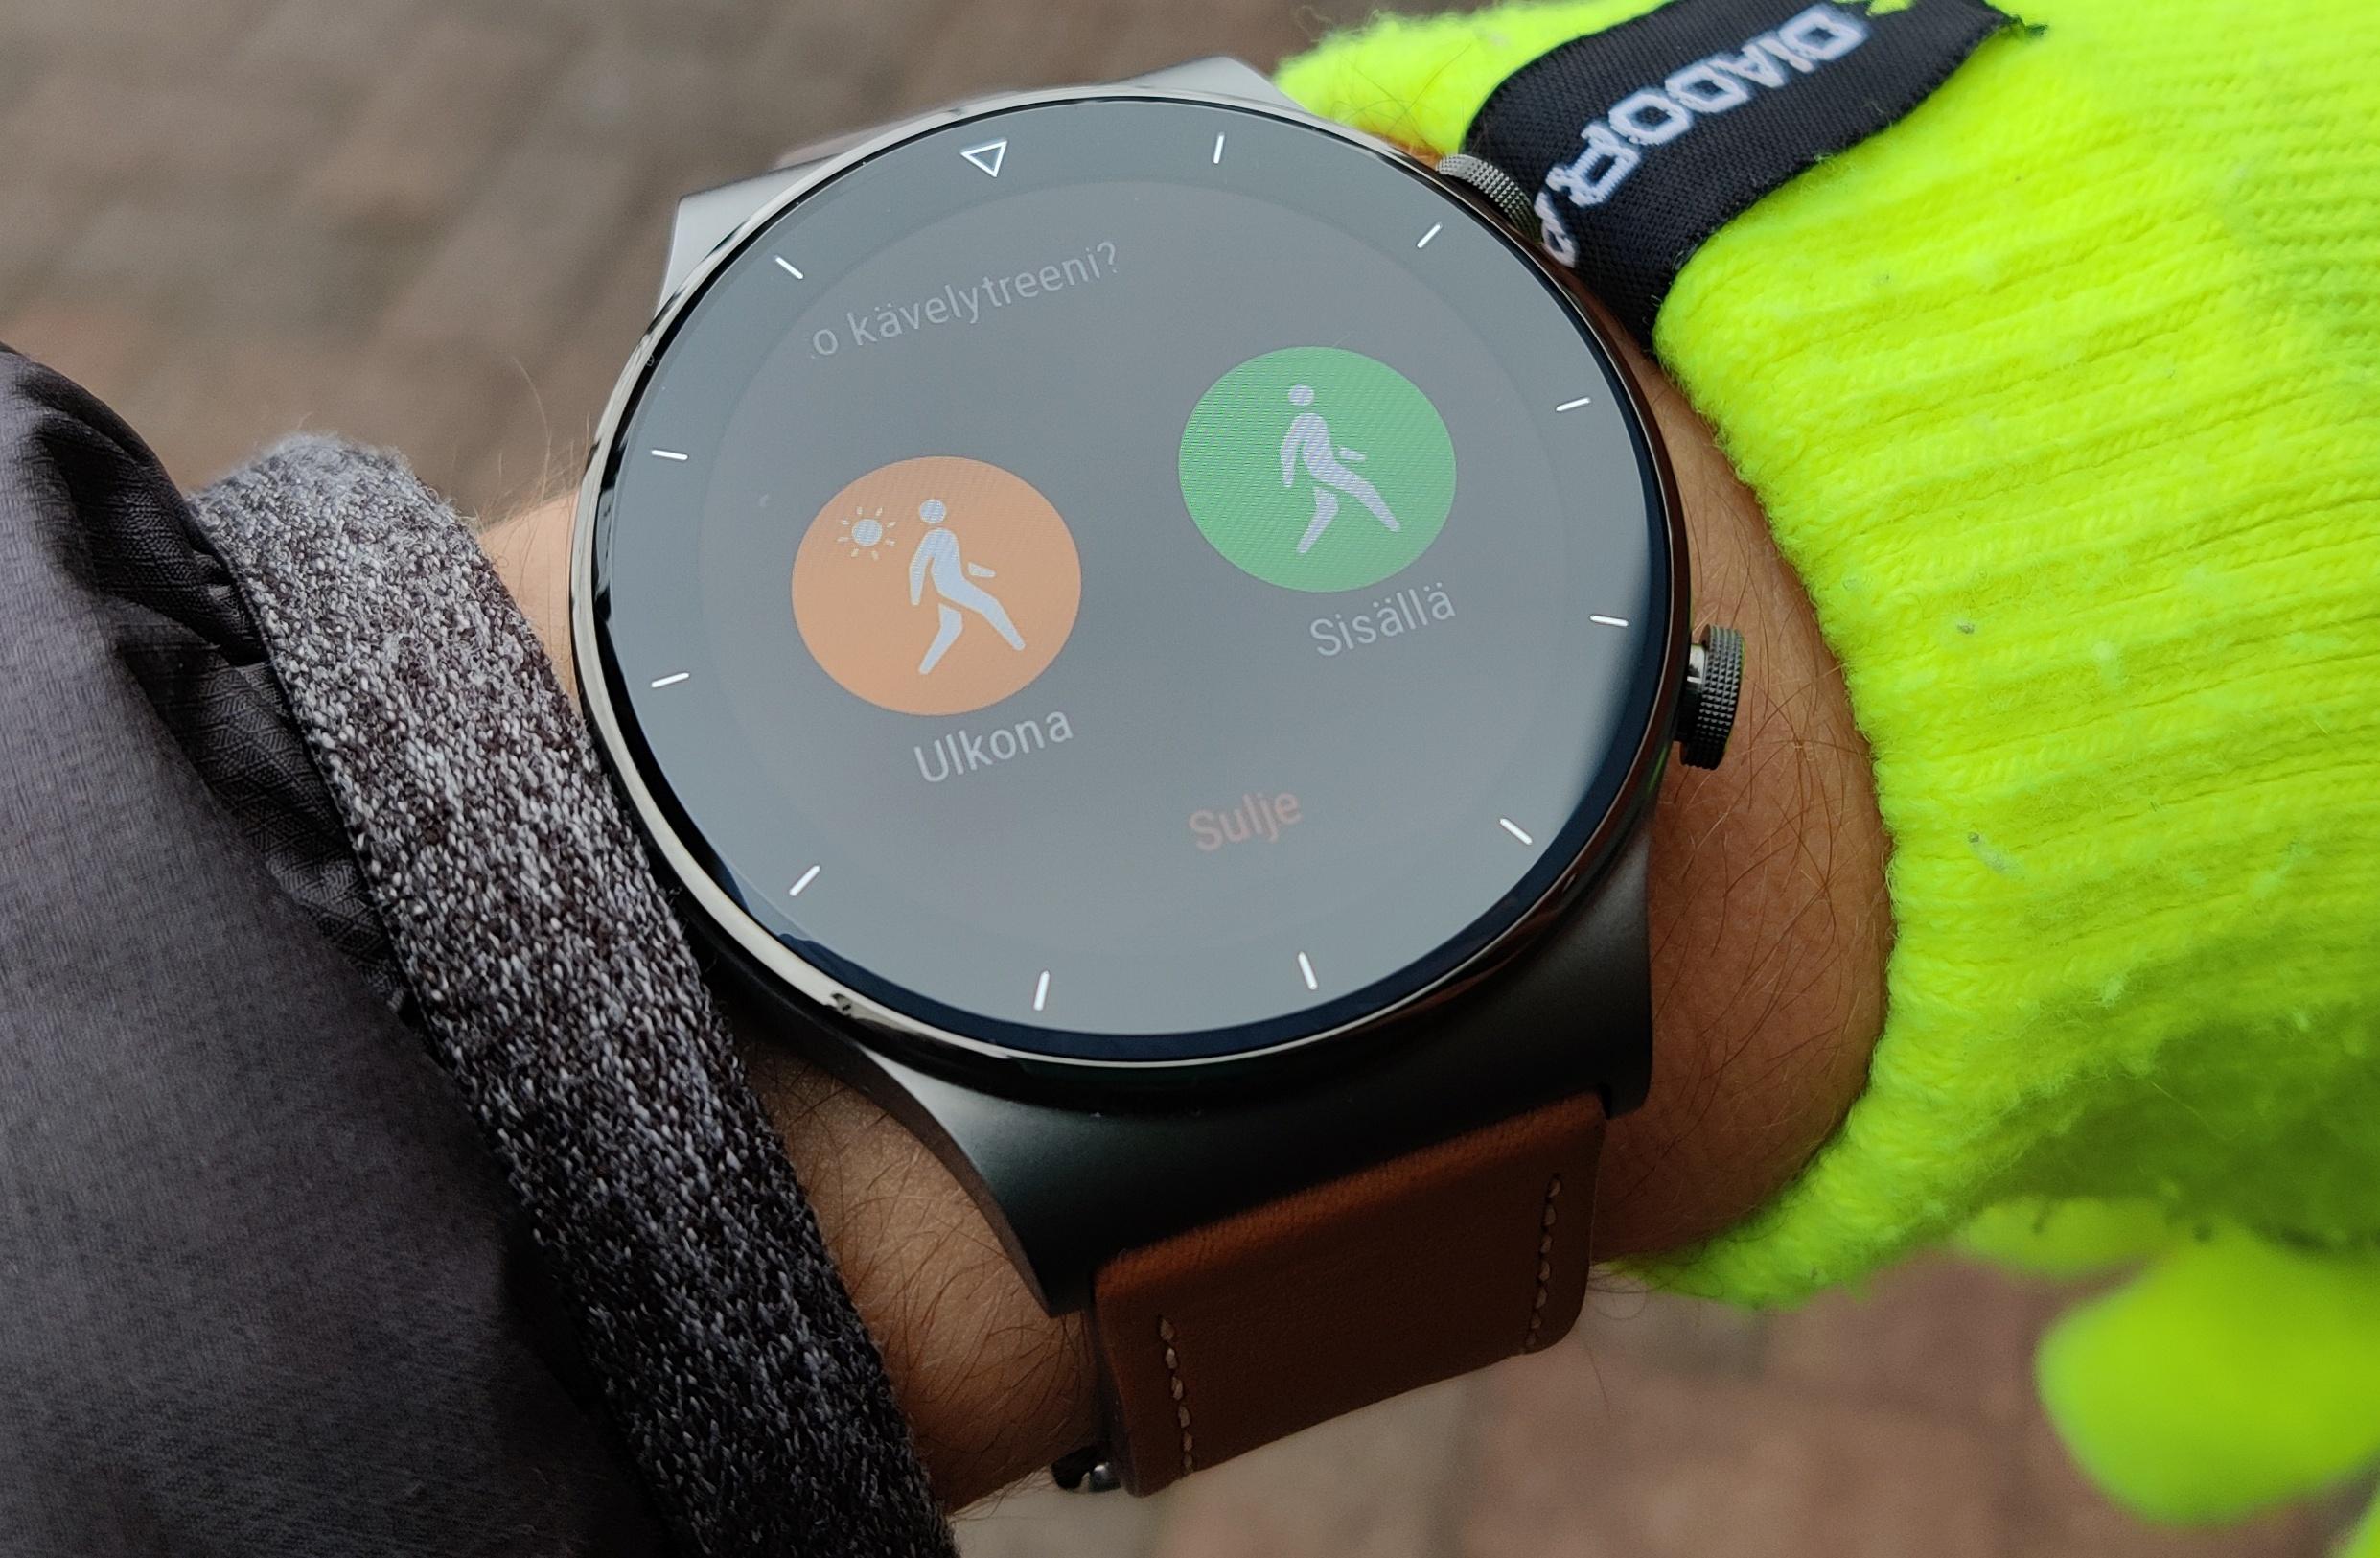 Huawei Watch GT 2 Pro tunnistaa automaattisesti useita harjoituksia, kuten kävelyn.